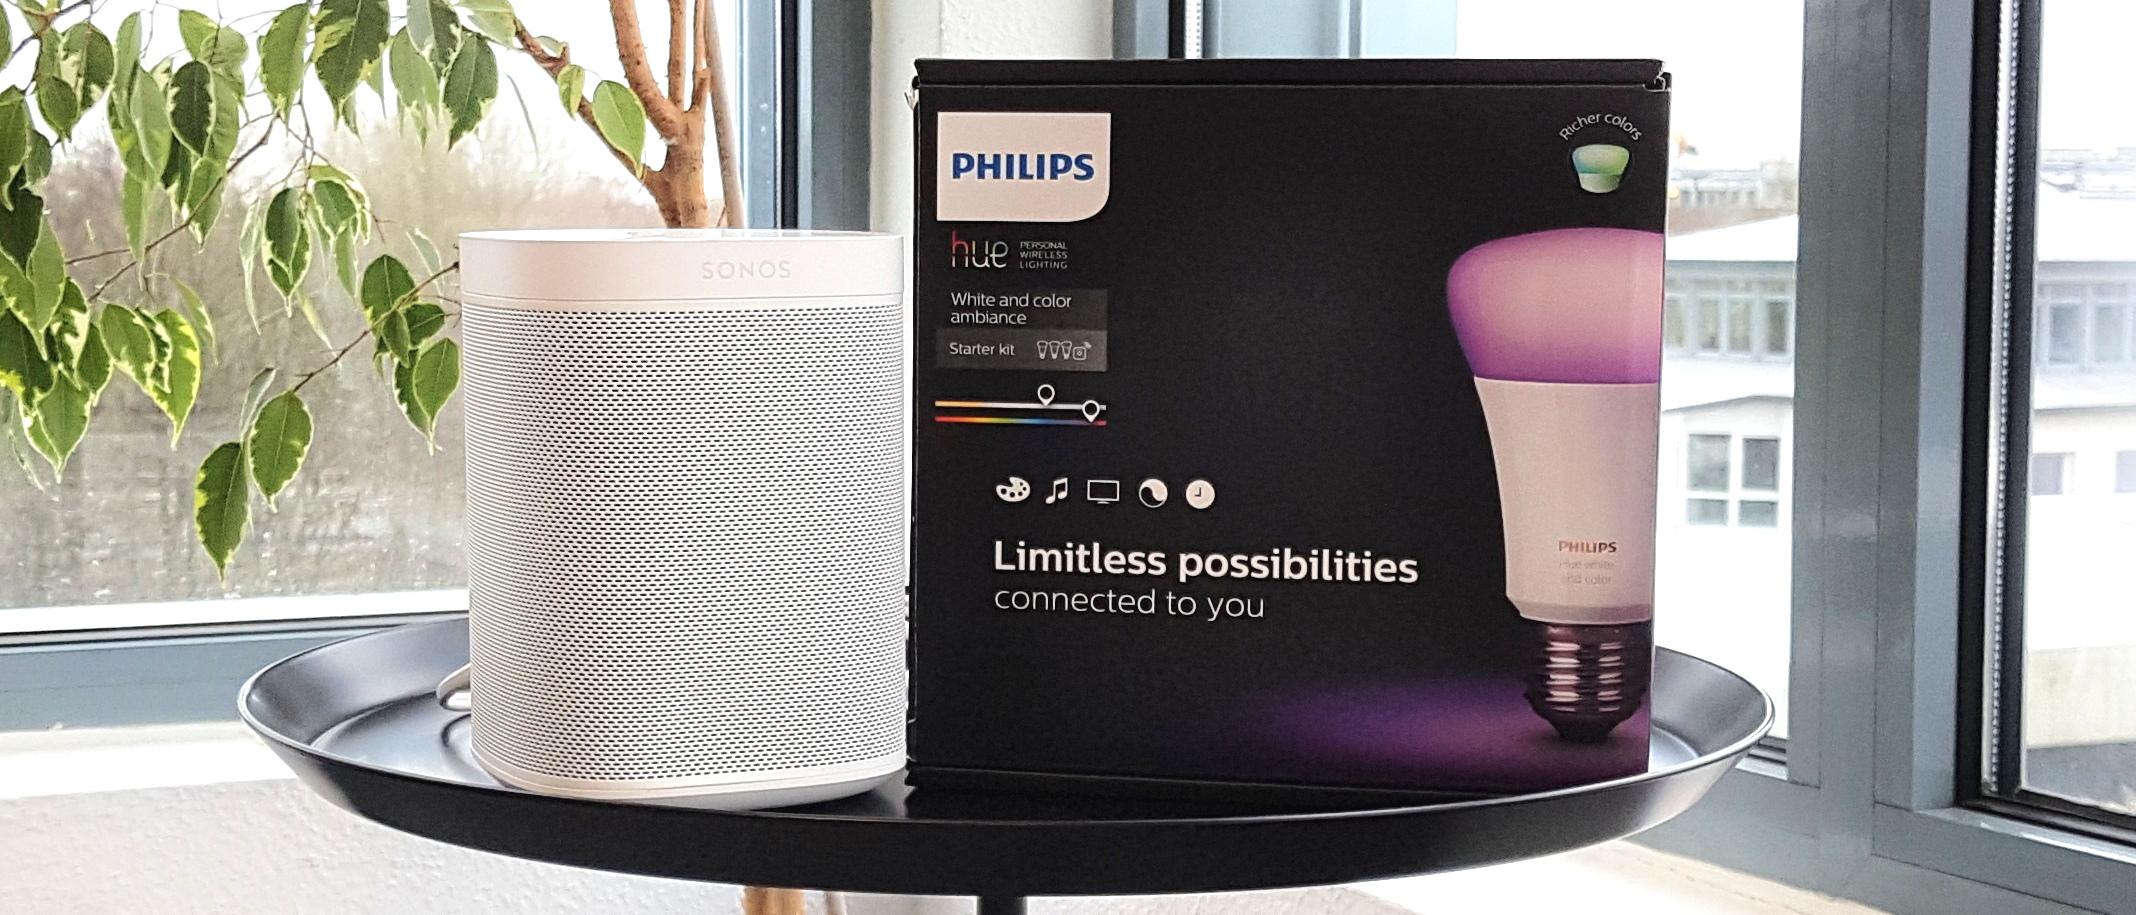 Sonos One + Philips Hue im Bundle - Jetzt bewerben und Smarthome-Tester/in werden!